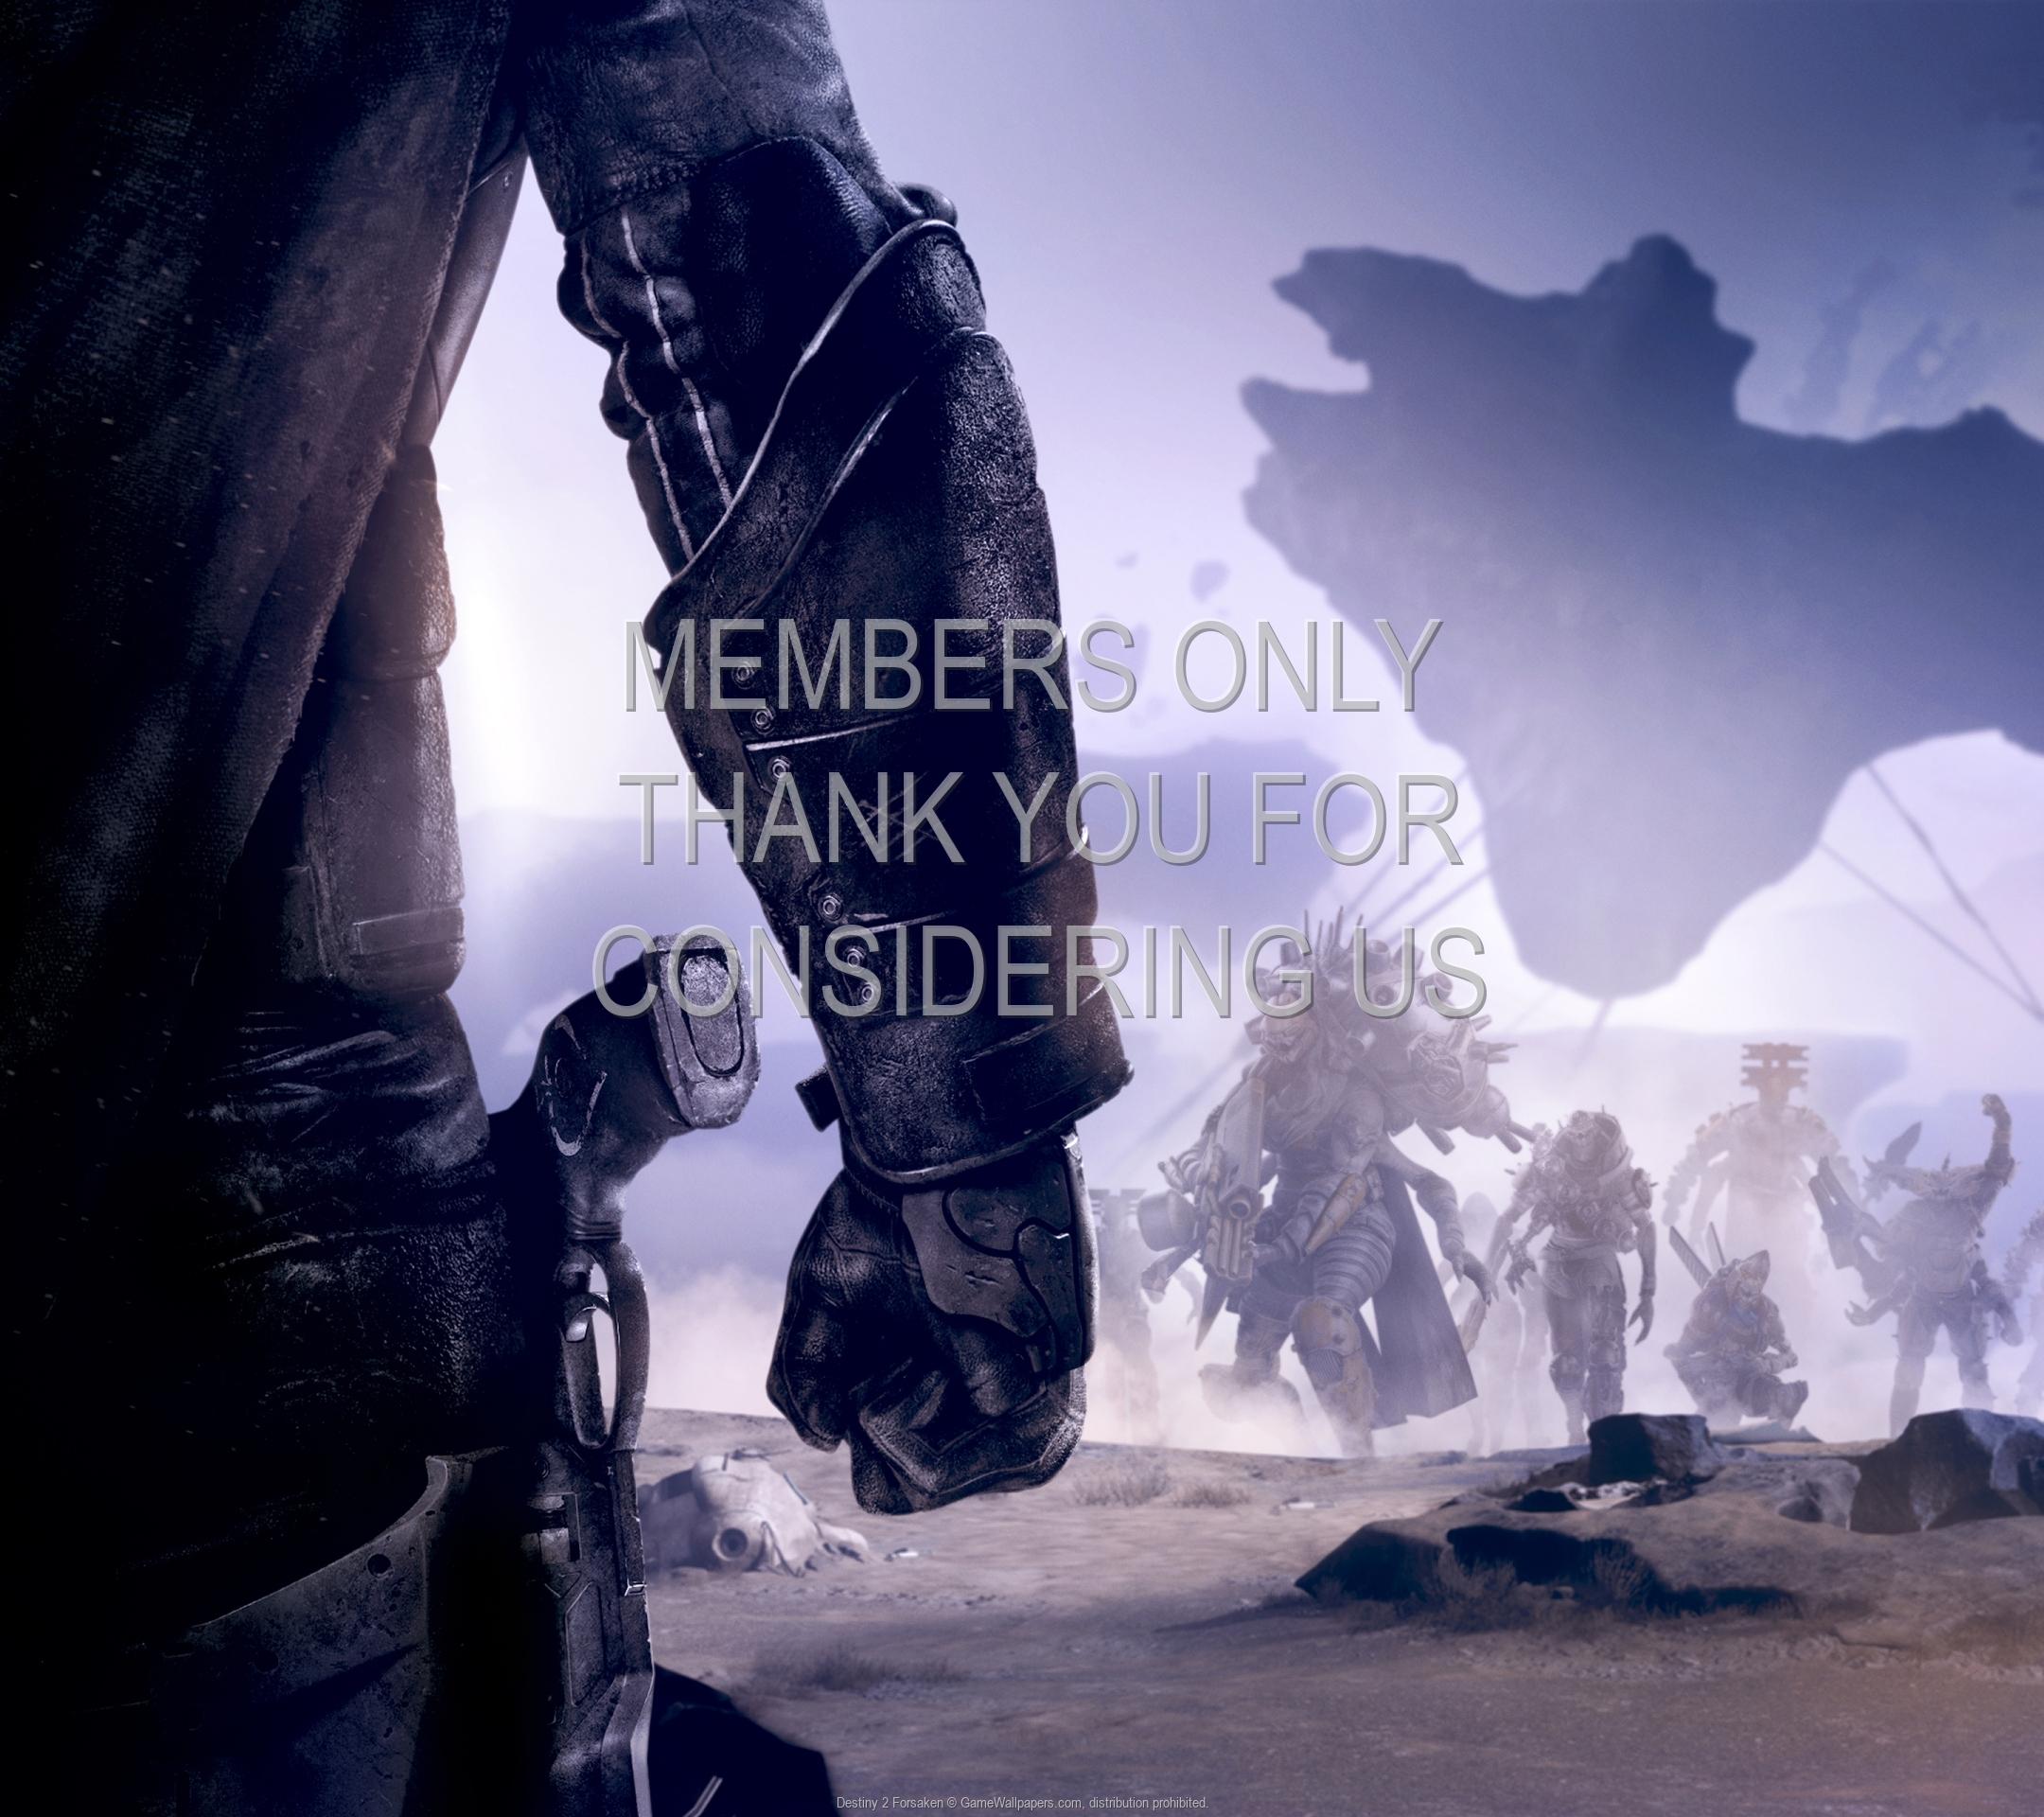 Destiny 2: Forsaken 1920x1080 Mobile wallpaper or background 01